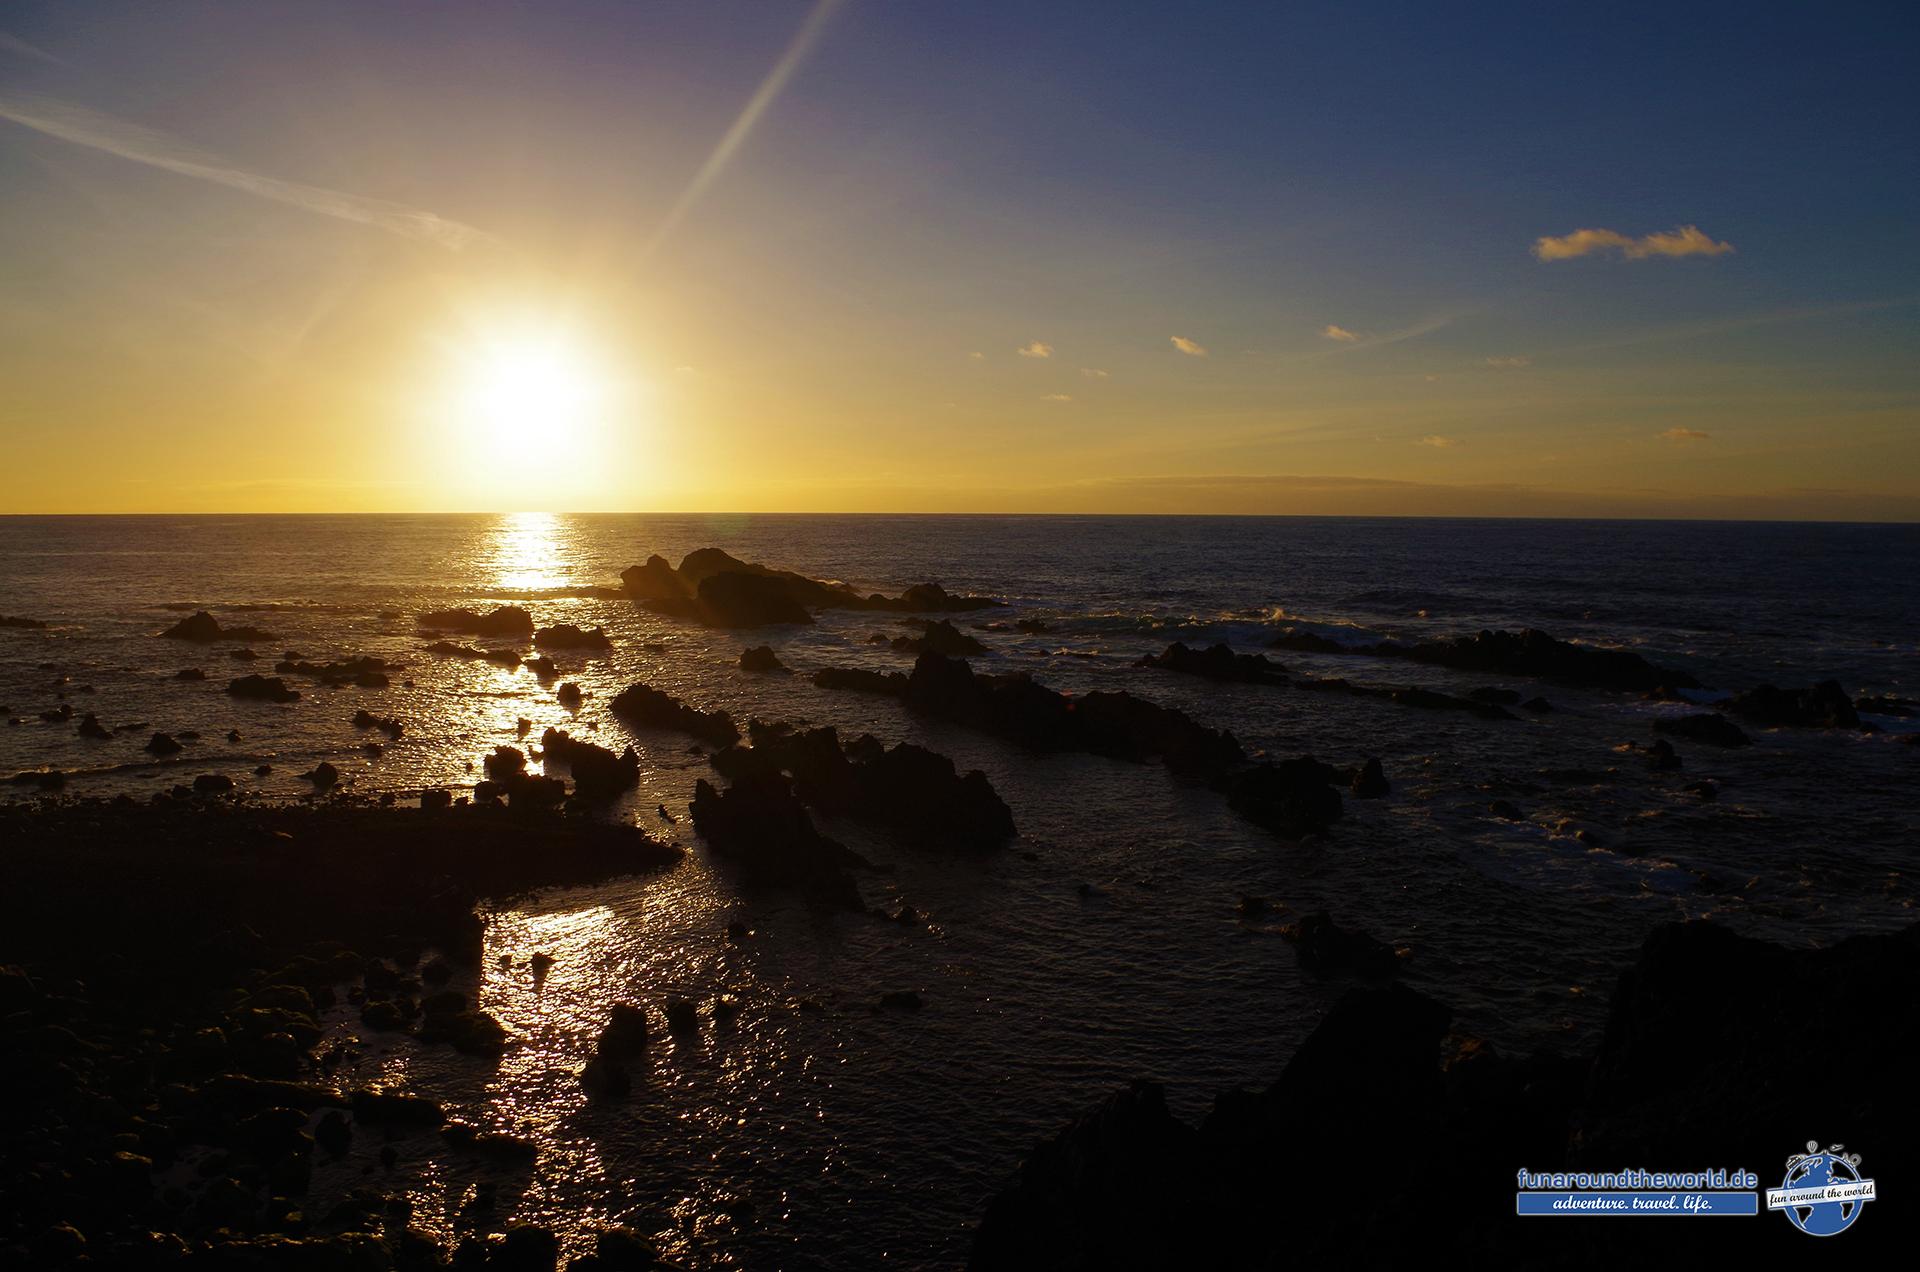 Tolle Sonnenuntergänge lassen sich im Westen der Insel am Strand von Mosteiros erleben